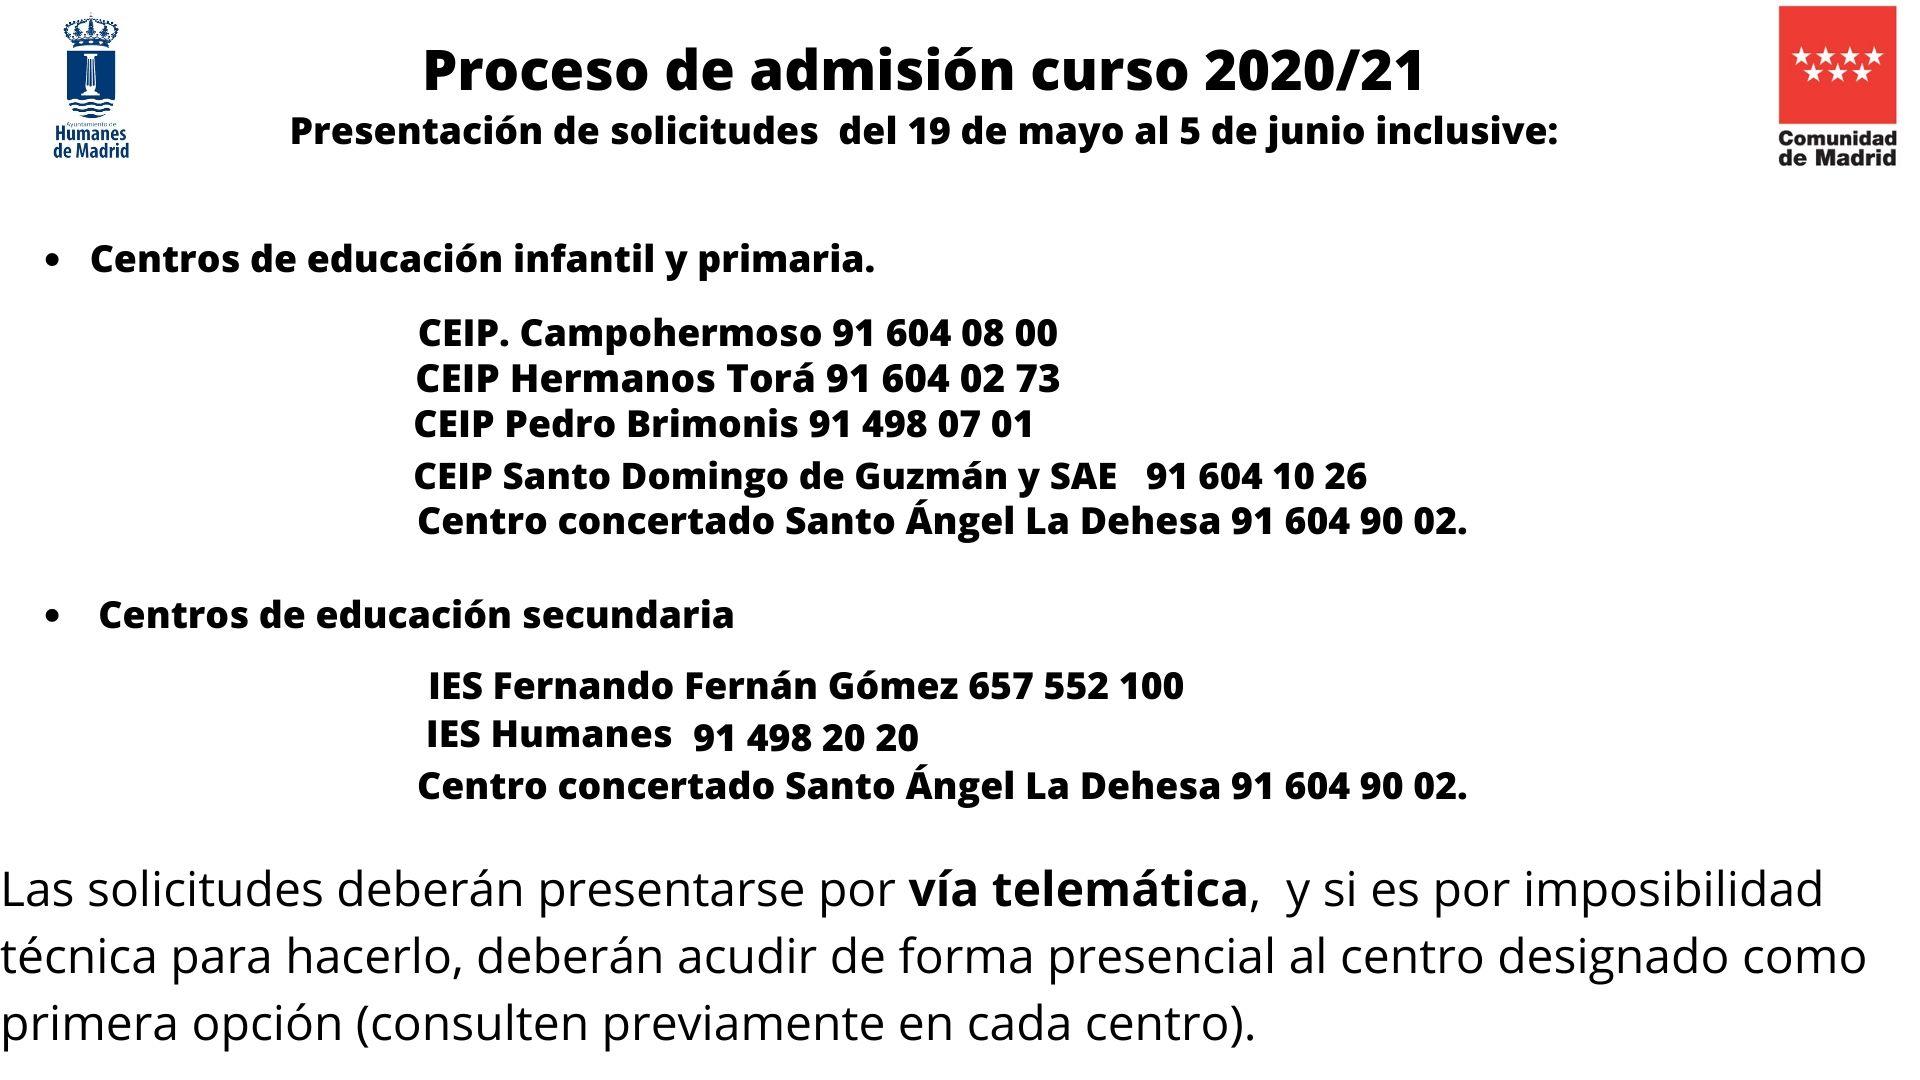 El viernes 5 de junio finaliza el proceso de admisión para solicitar una plaza escolar.